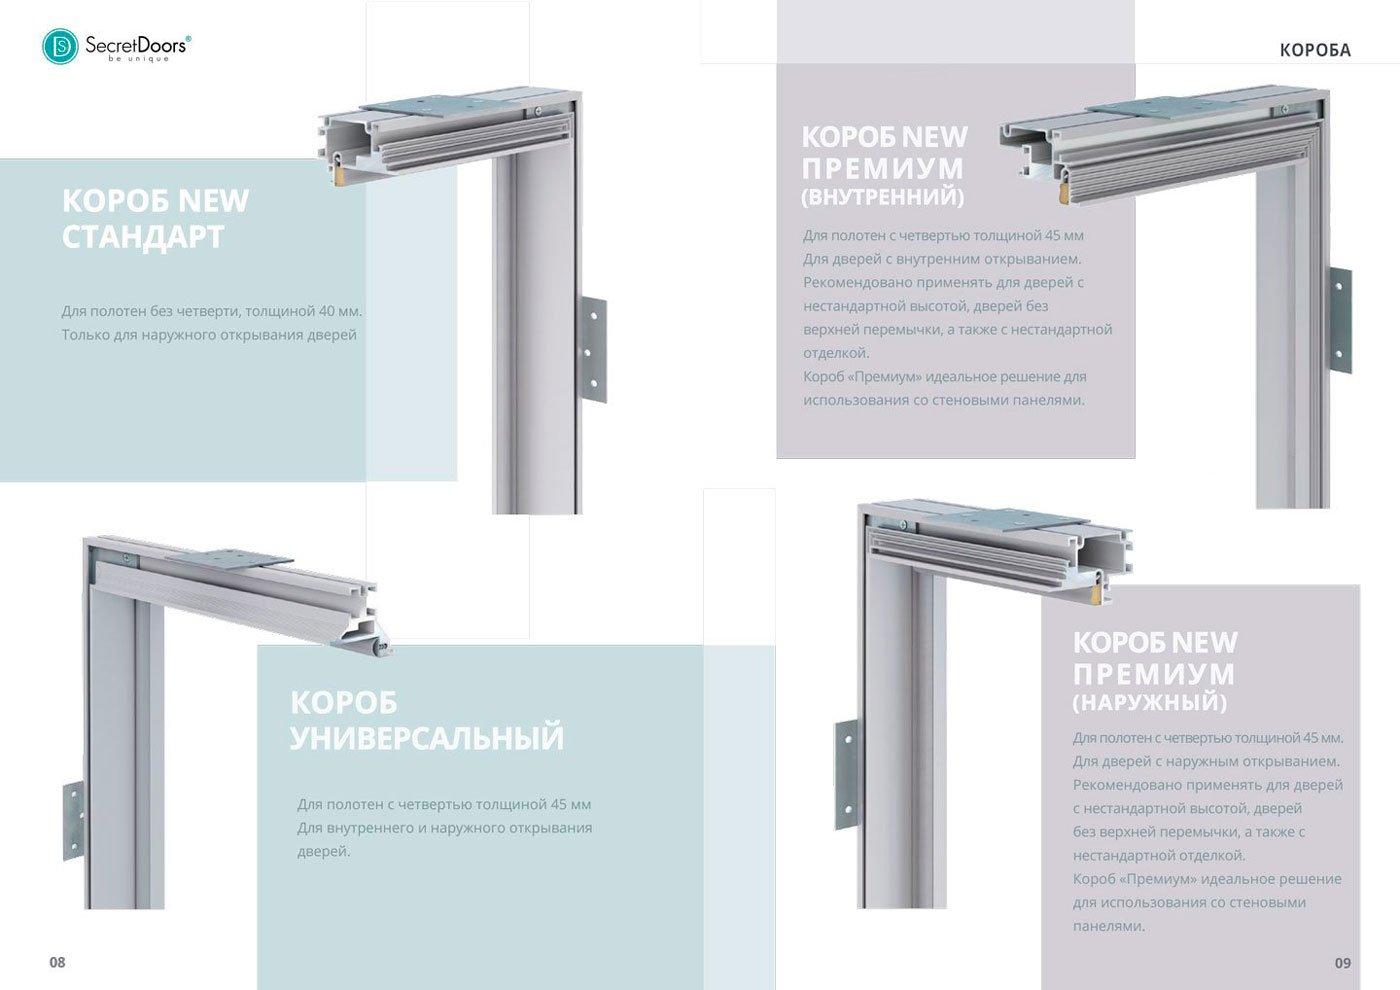 Варианты скрытого короба, разного сечения и конструкции используется в зависимости от типа открывания, высоты и веса двери